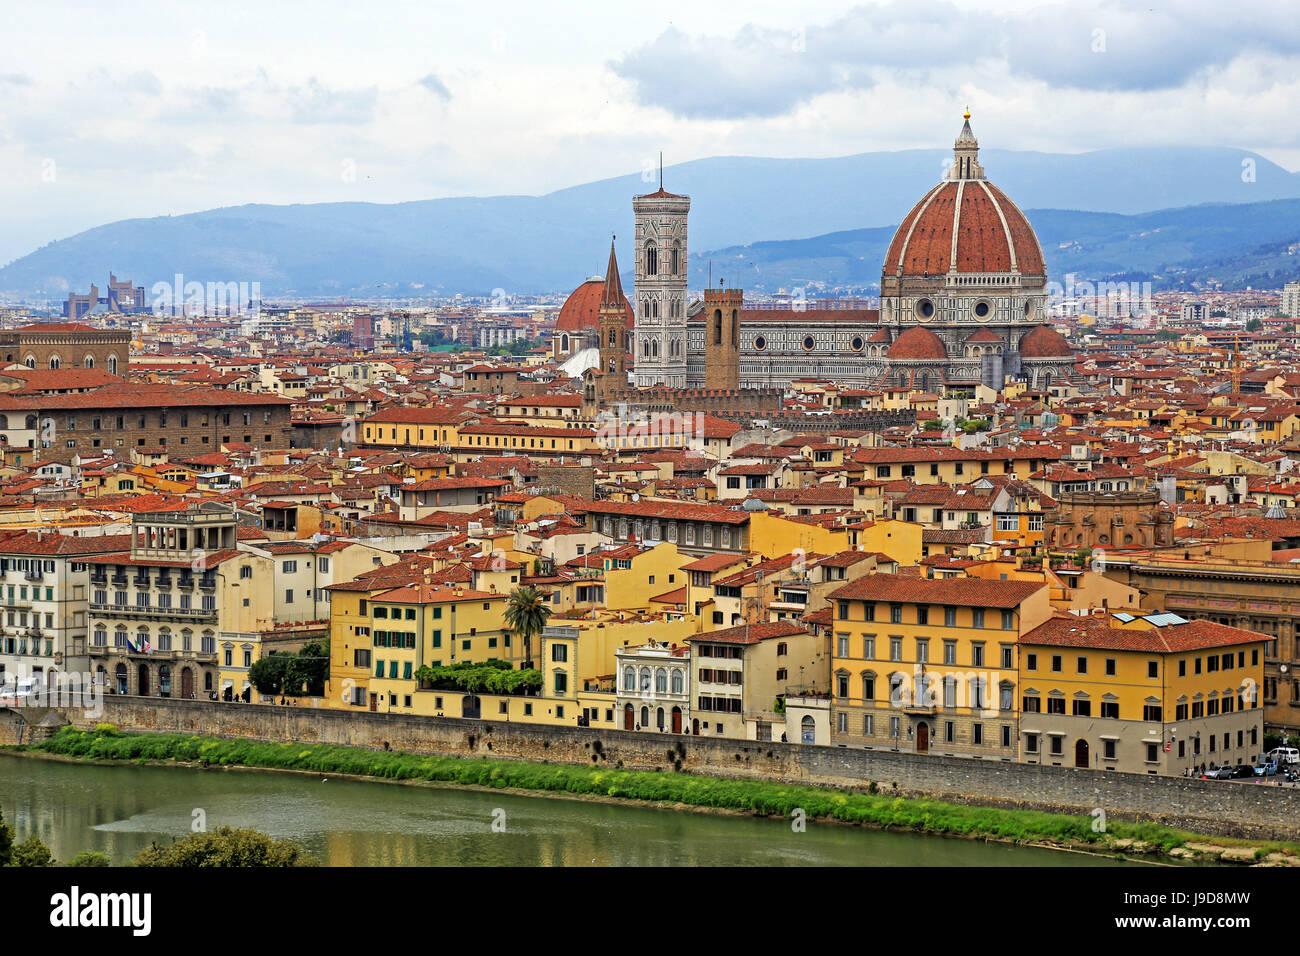 Firenze, Sito Patrimonio Mondiale dell'UNESCO, Toscana, Italia, Europa Immagini Stock